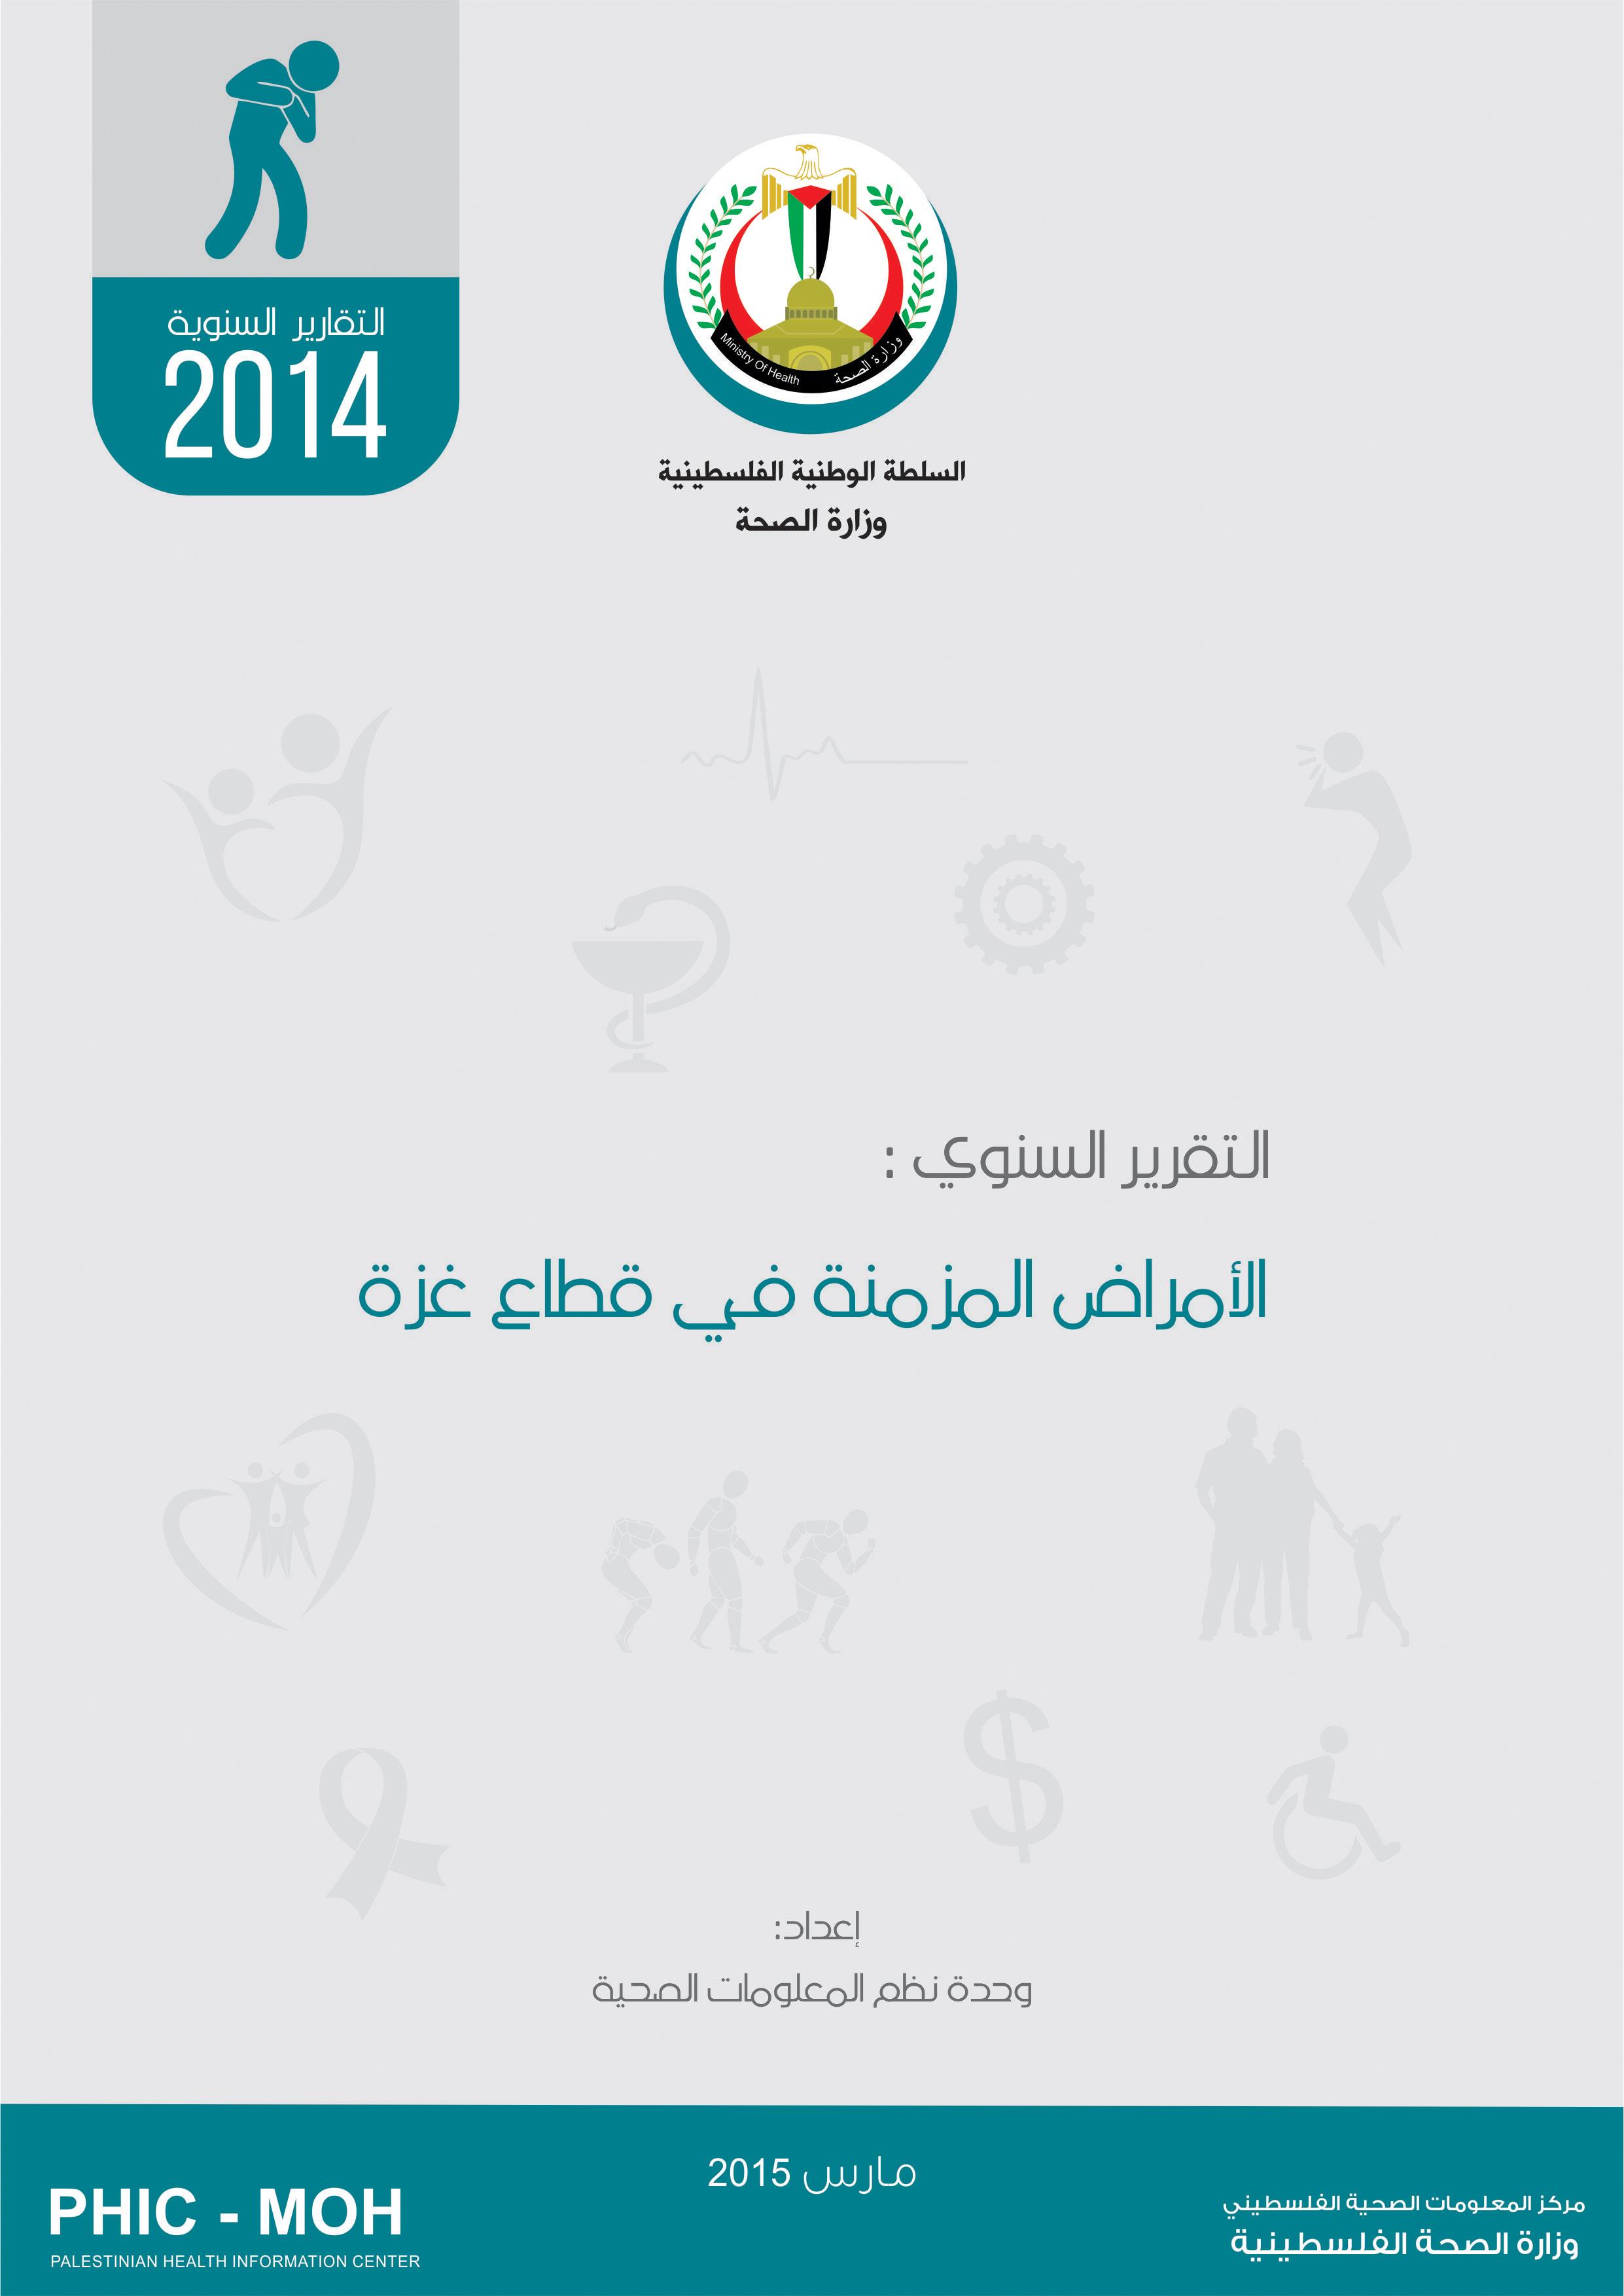 التقرير السنوي للأمراض المزمنة للعام 2014